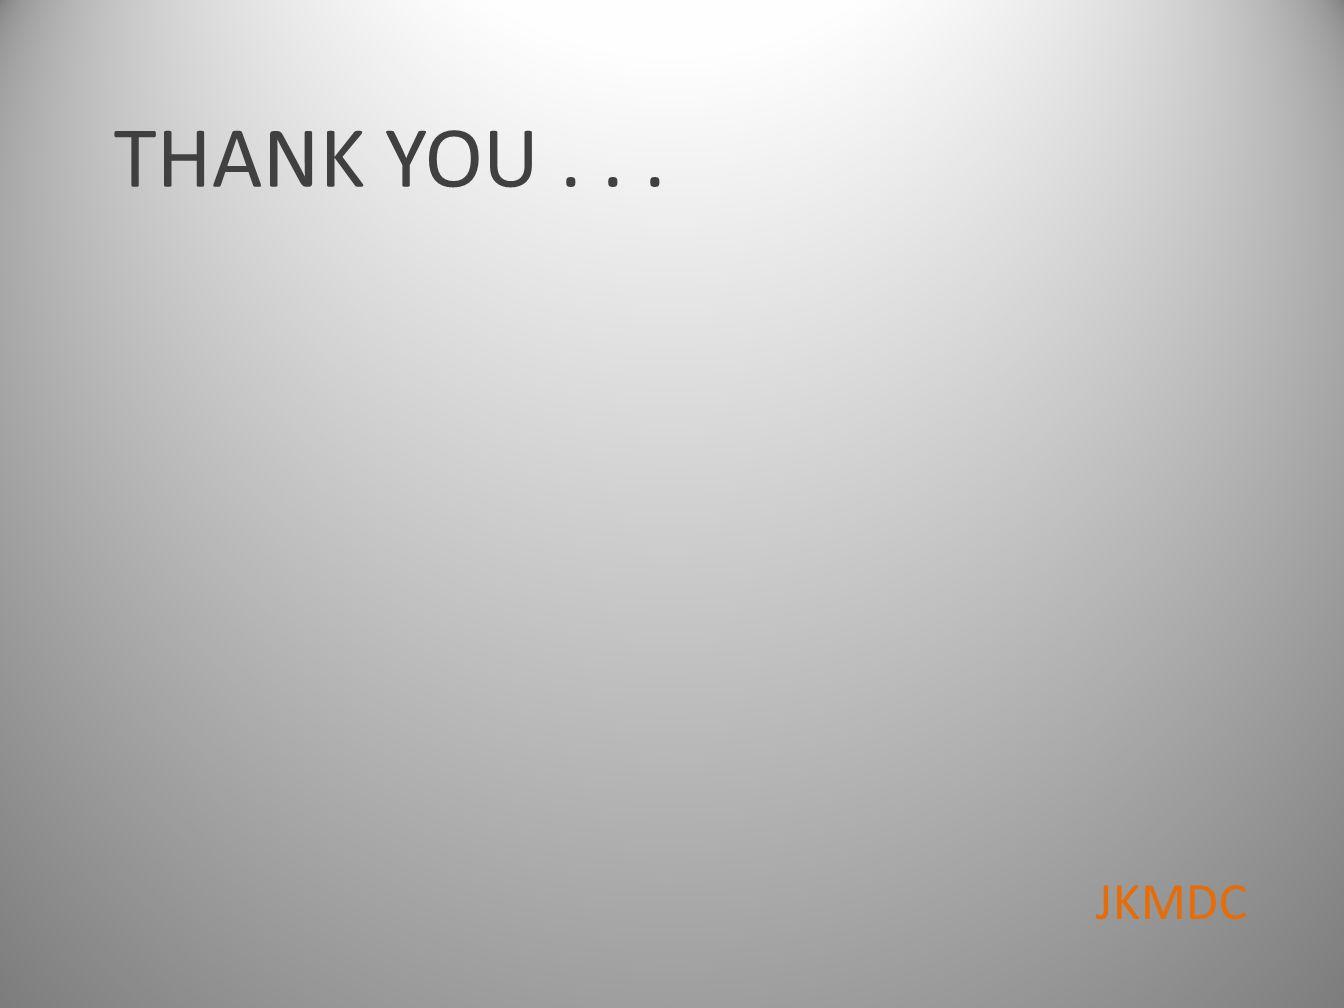 THANK YOU... JKMDC